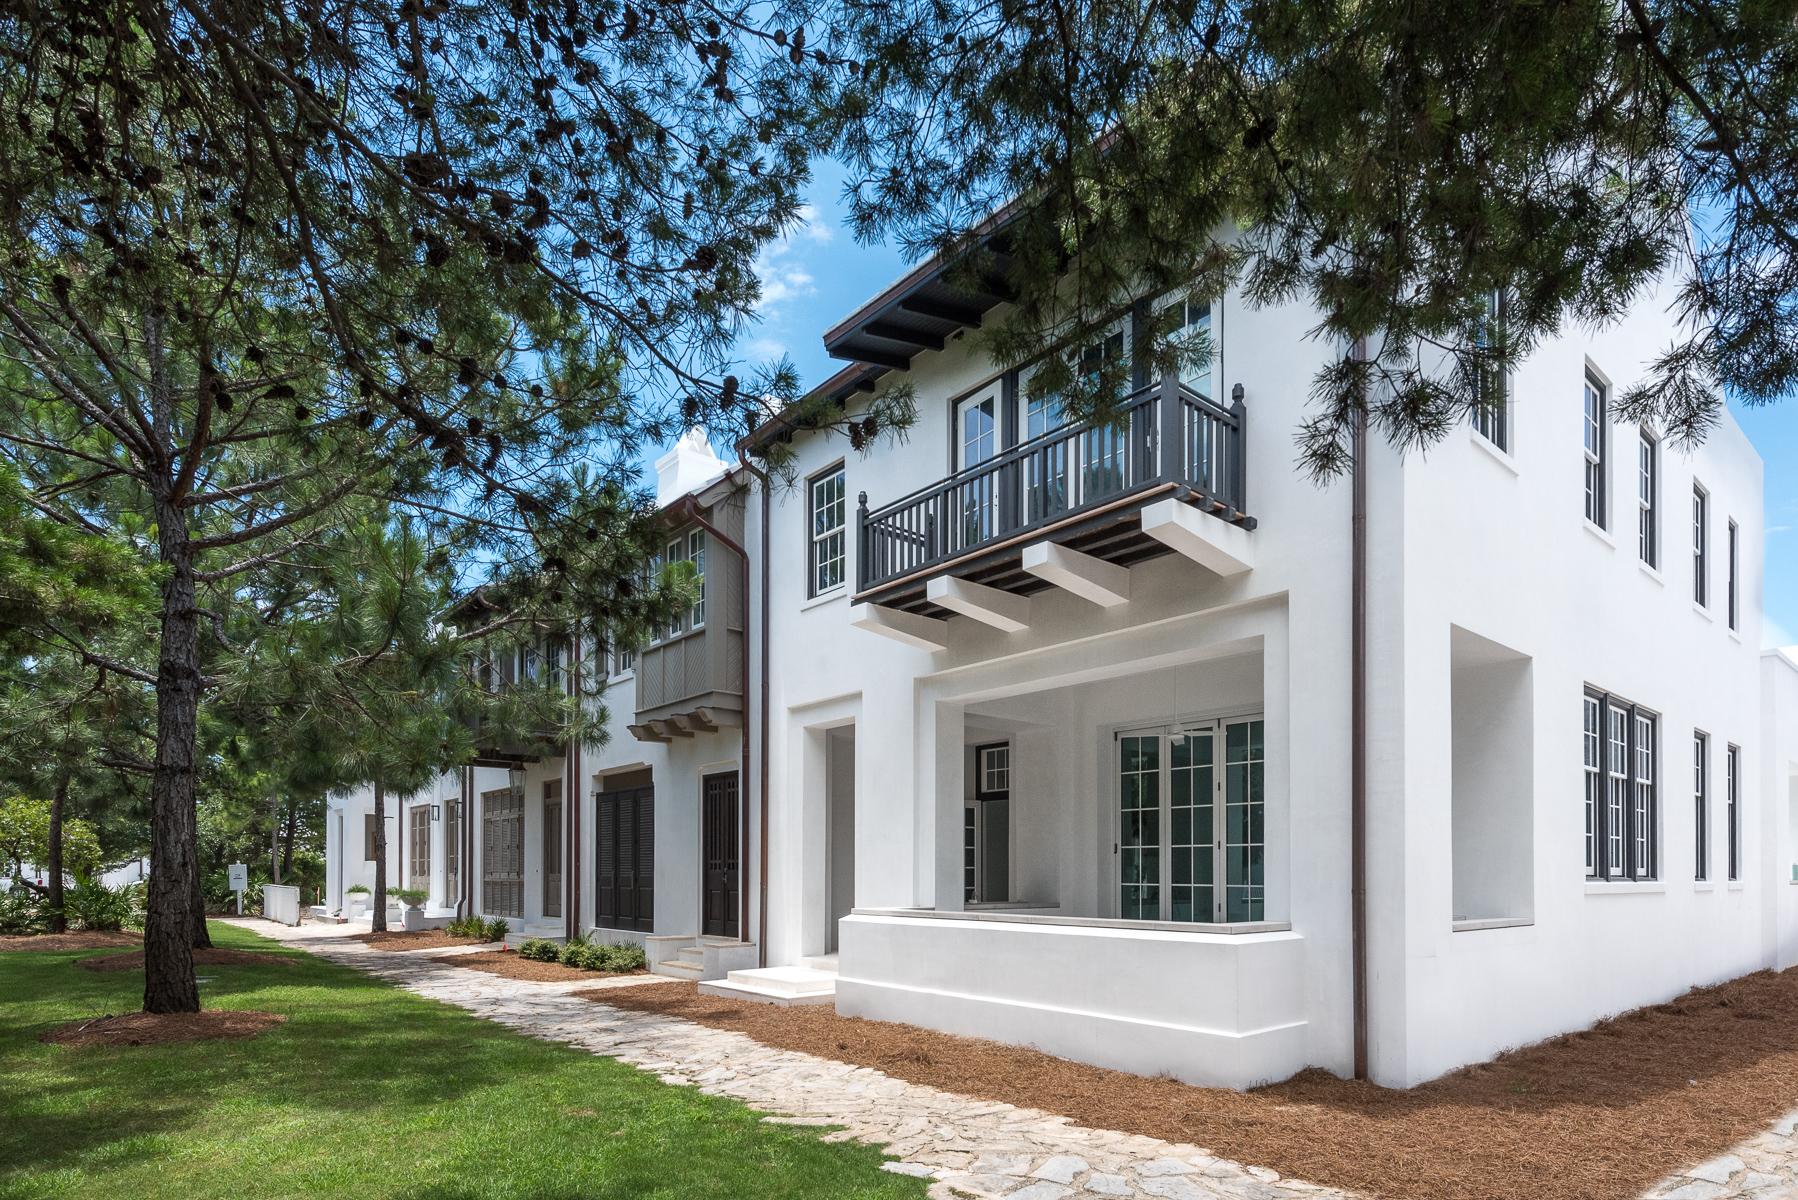 獨棟家庭住宅 為 出售 在 CAREFULLY CRAFTED COASTAL CONSTRUCTION IN ALYS BEACH 52 Spice Berry Alley Panama City Beach, 佛羅里達州, 32413 美國